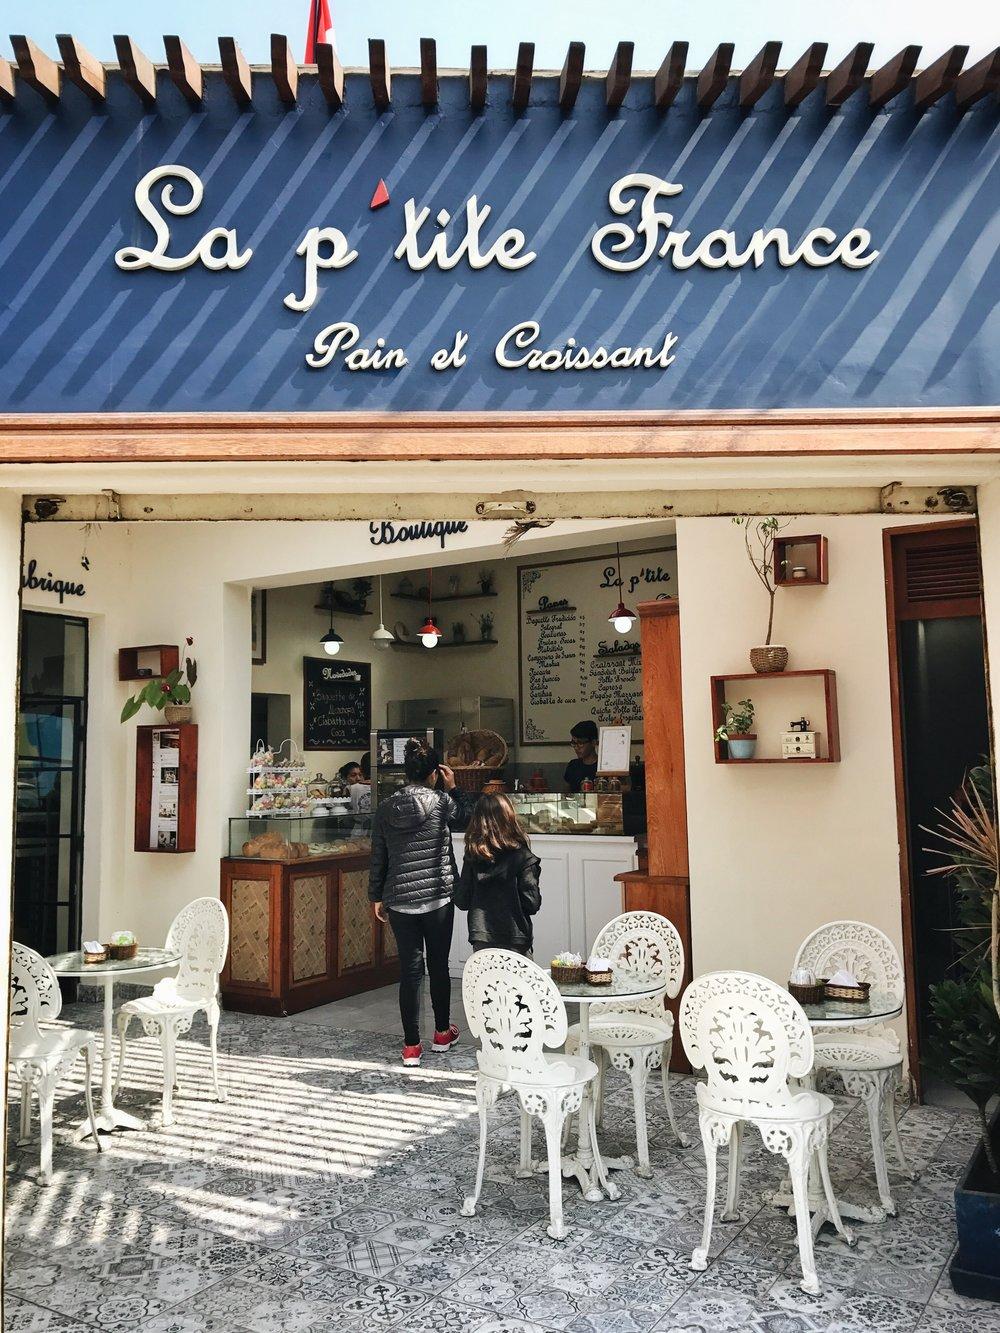 La p´tite France